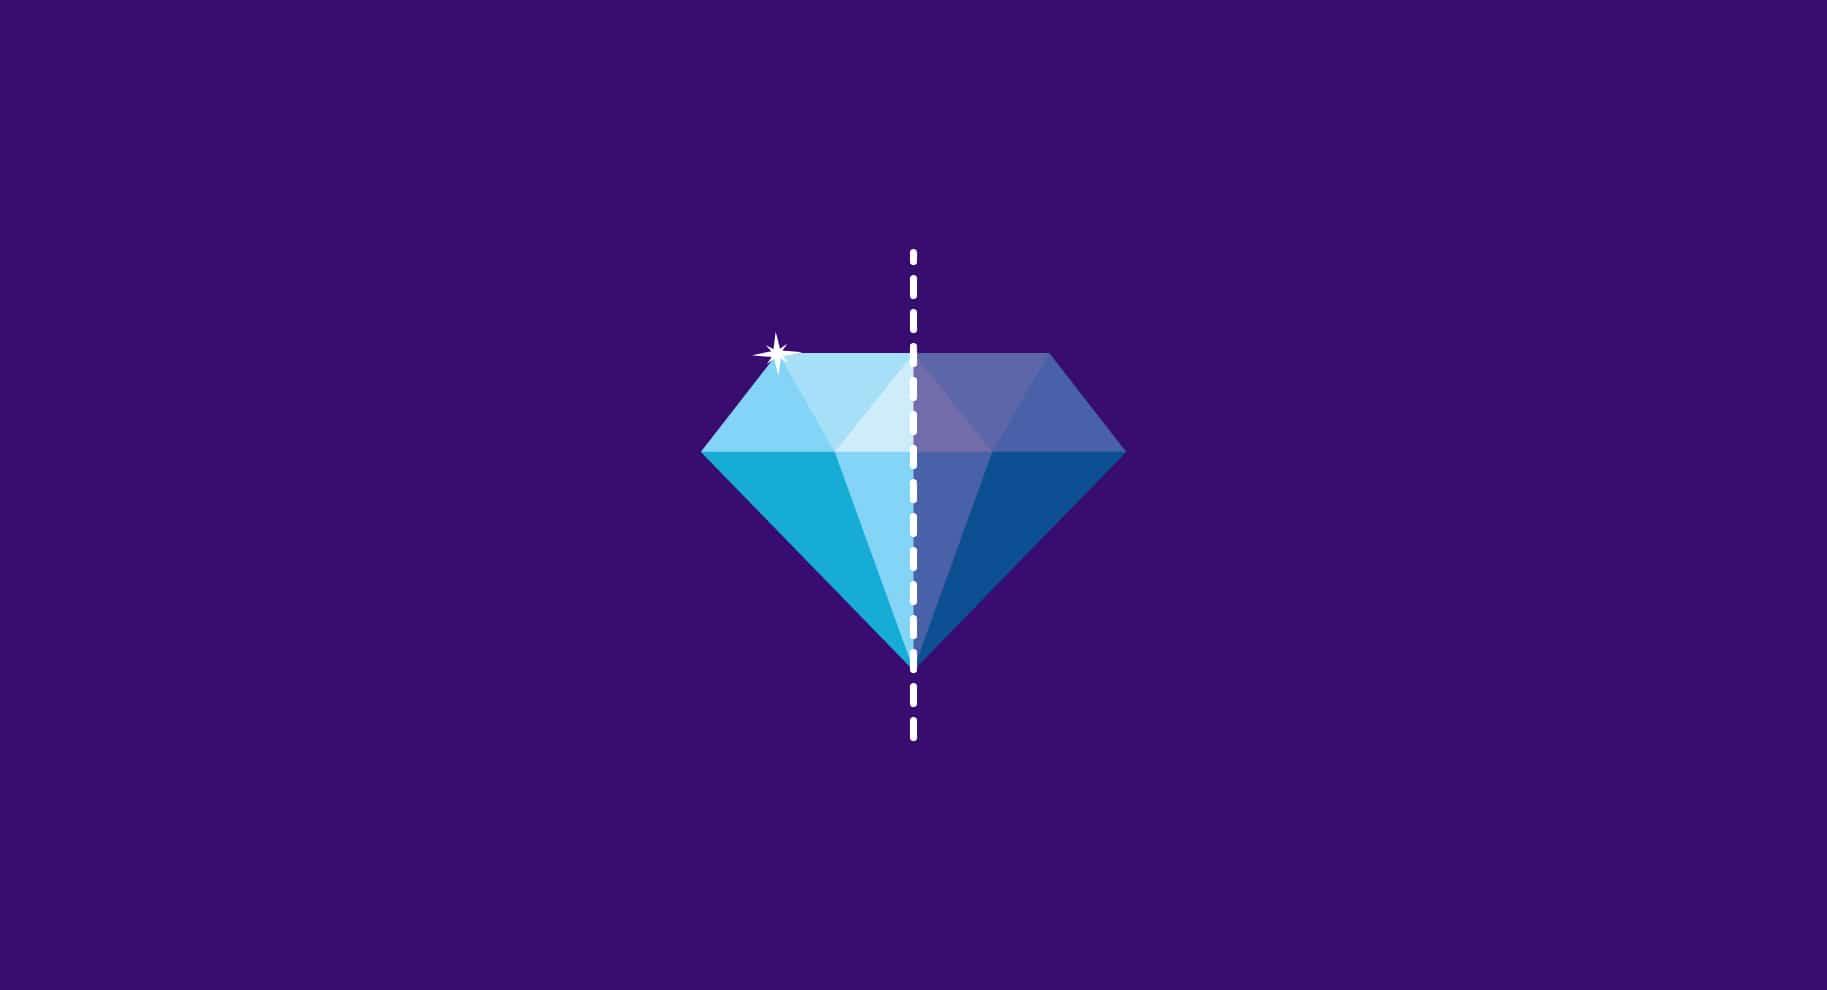 diamond clarity illustration